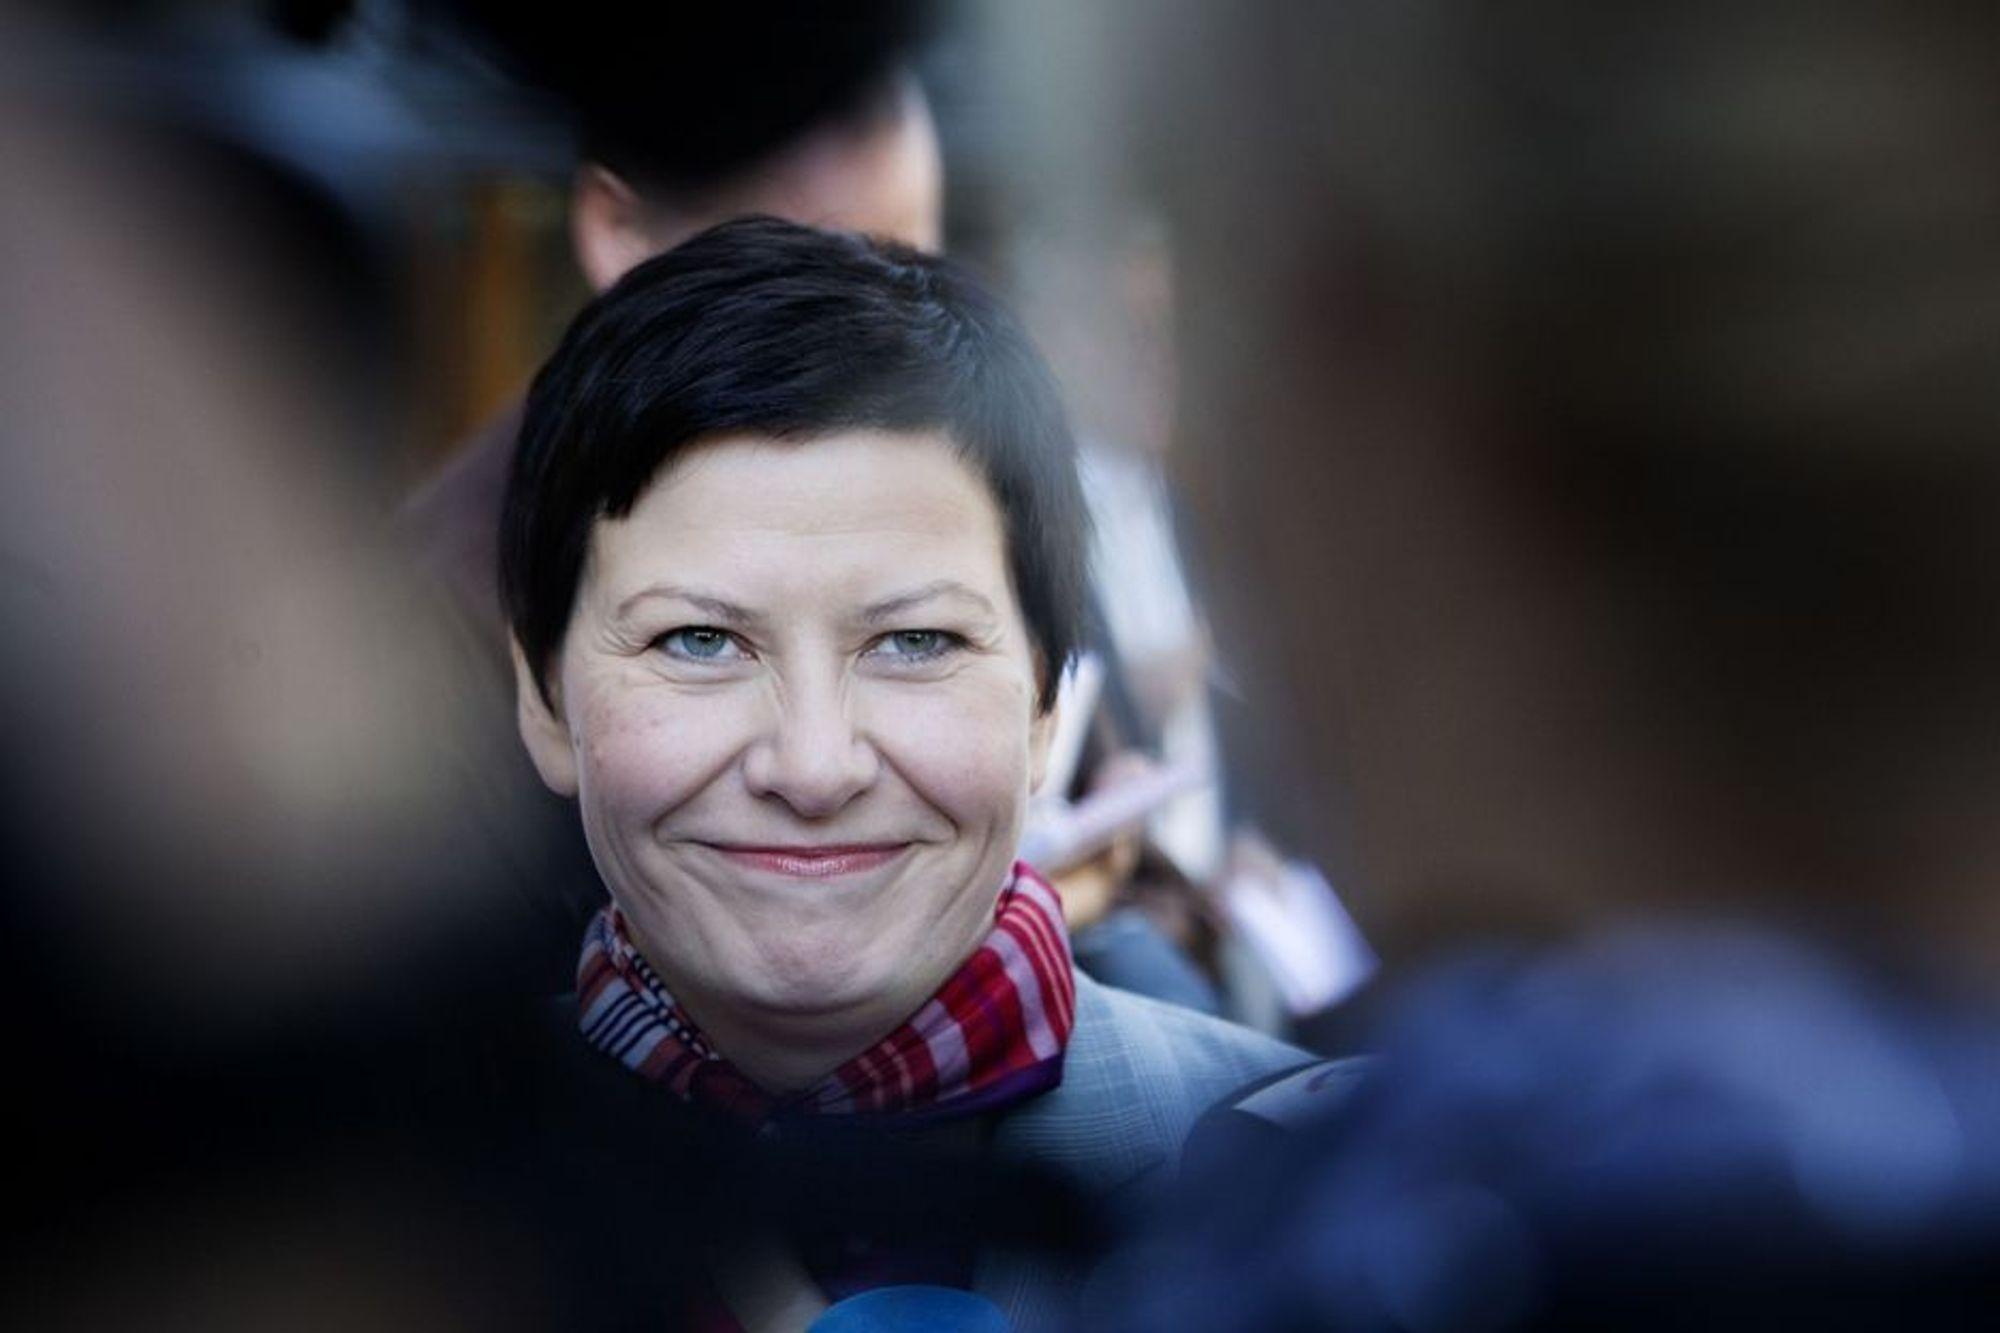 Arbeiderpartiets parlamentariske leder Helga Pedersen sier at partiet vil stemme for budsjettet, og at hun ikke har noen grunn til å tro at de andre regjeringspartiene ikke vil gjøre det samme.